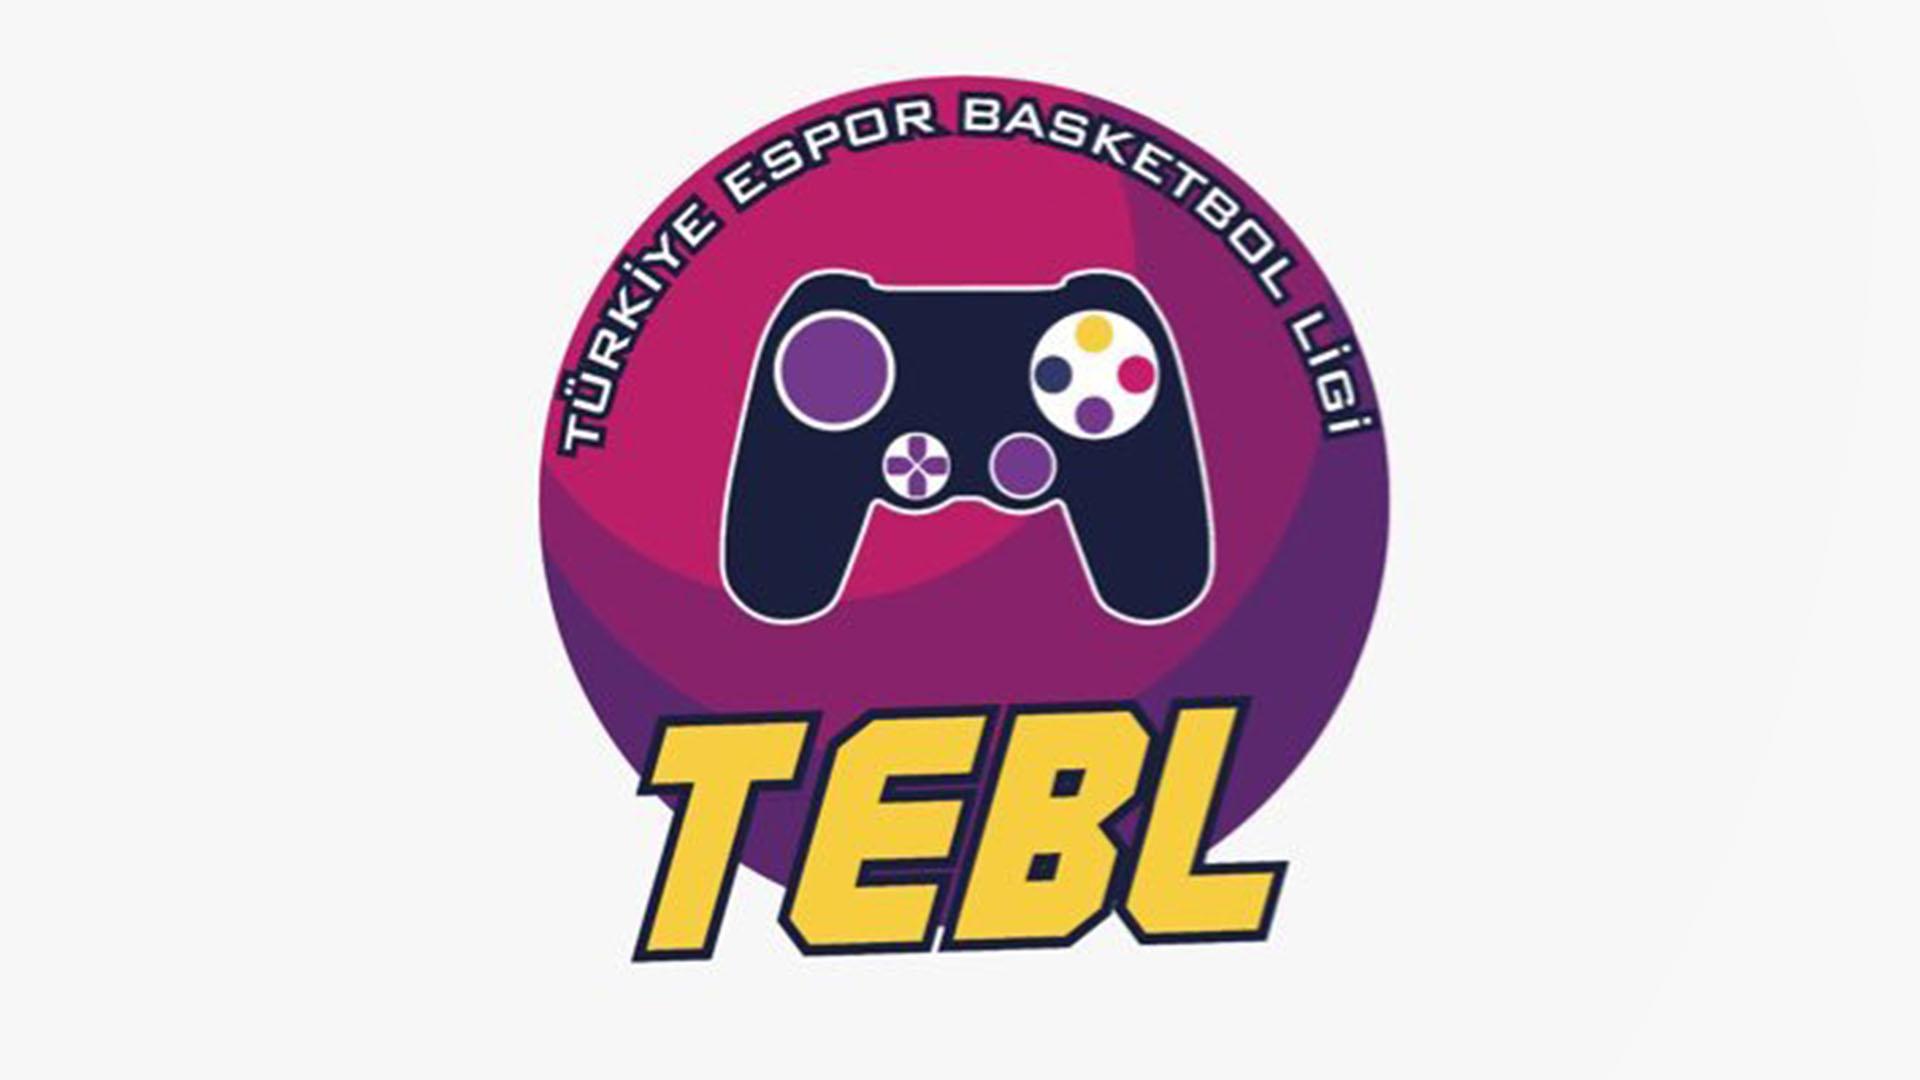 Türkiye Espor Basketbol Ligi 4. Hafta